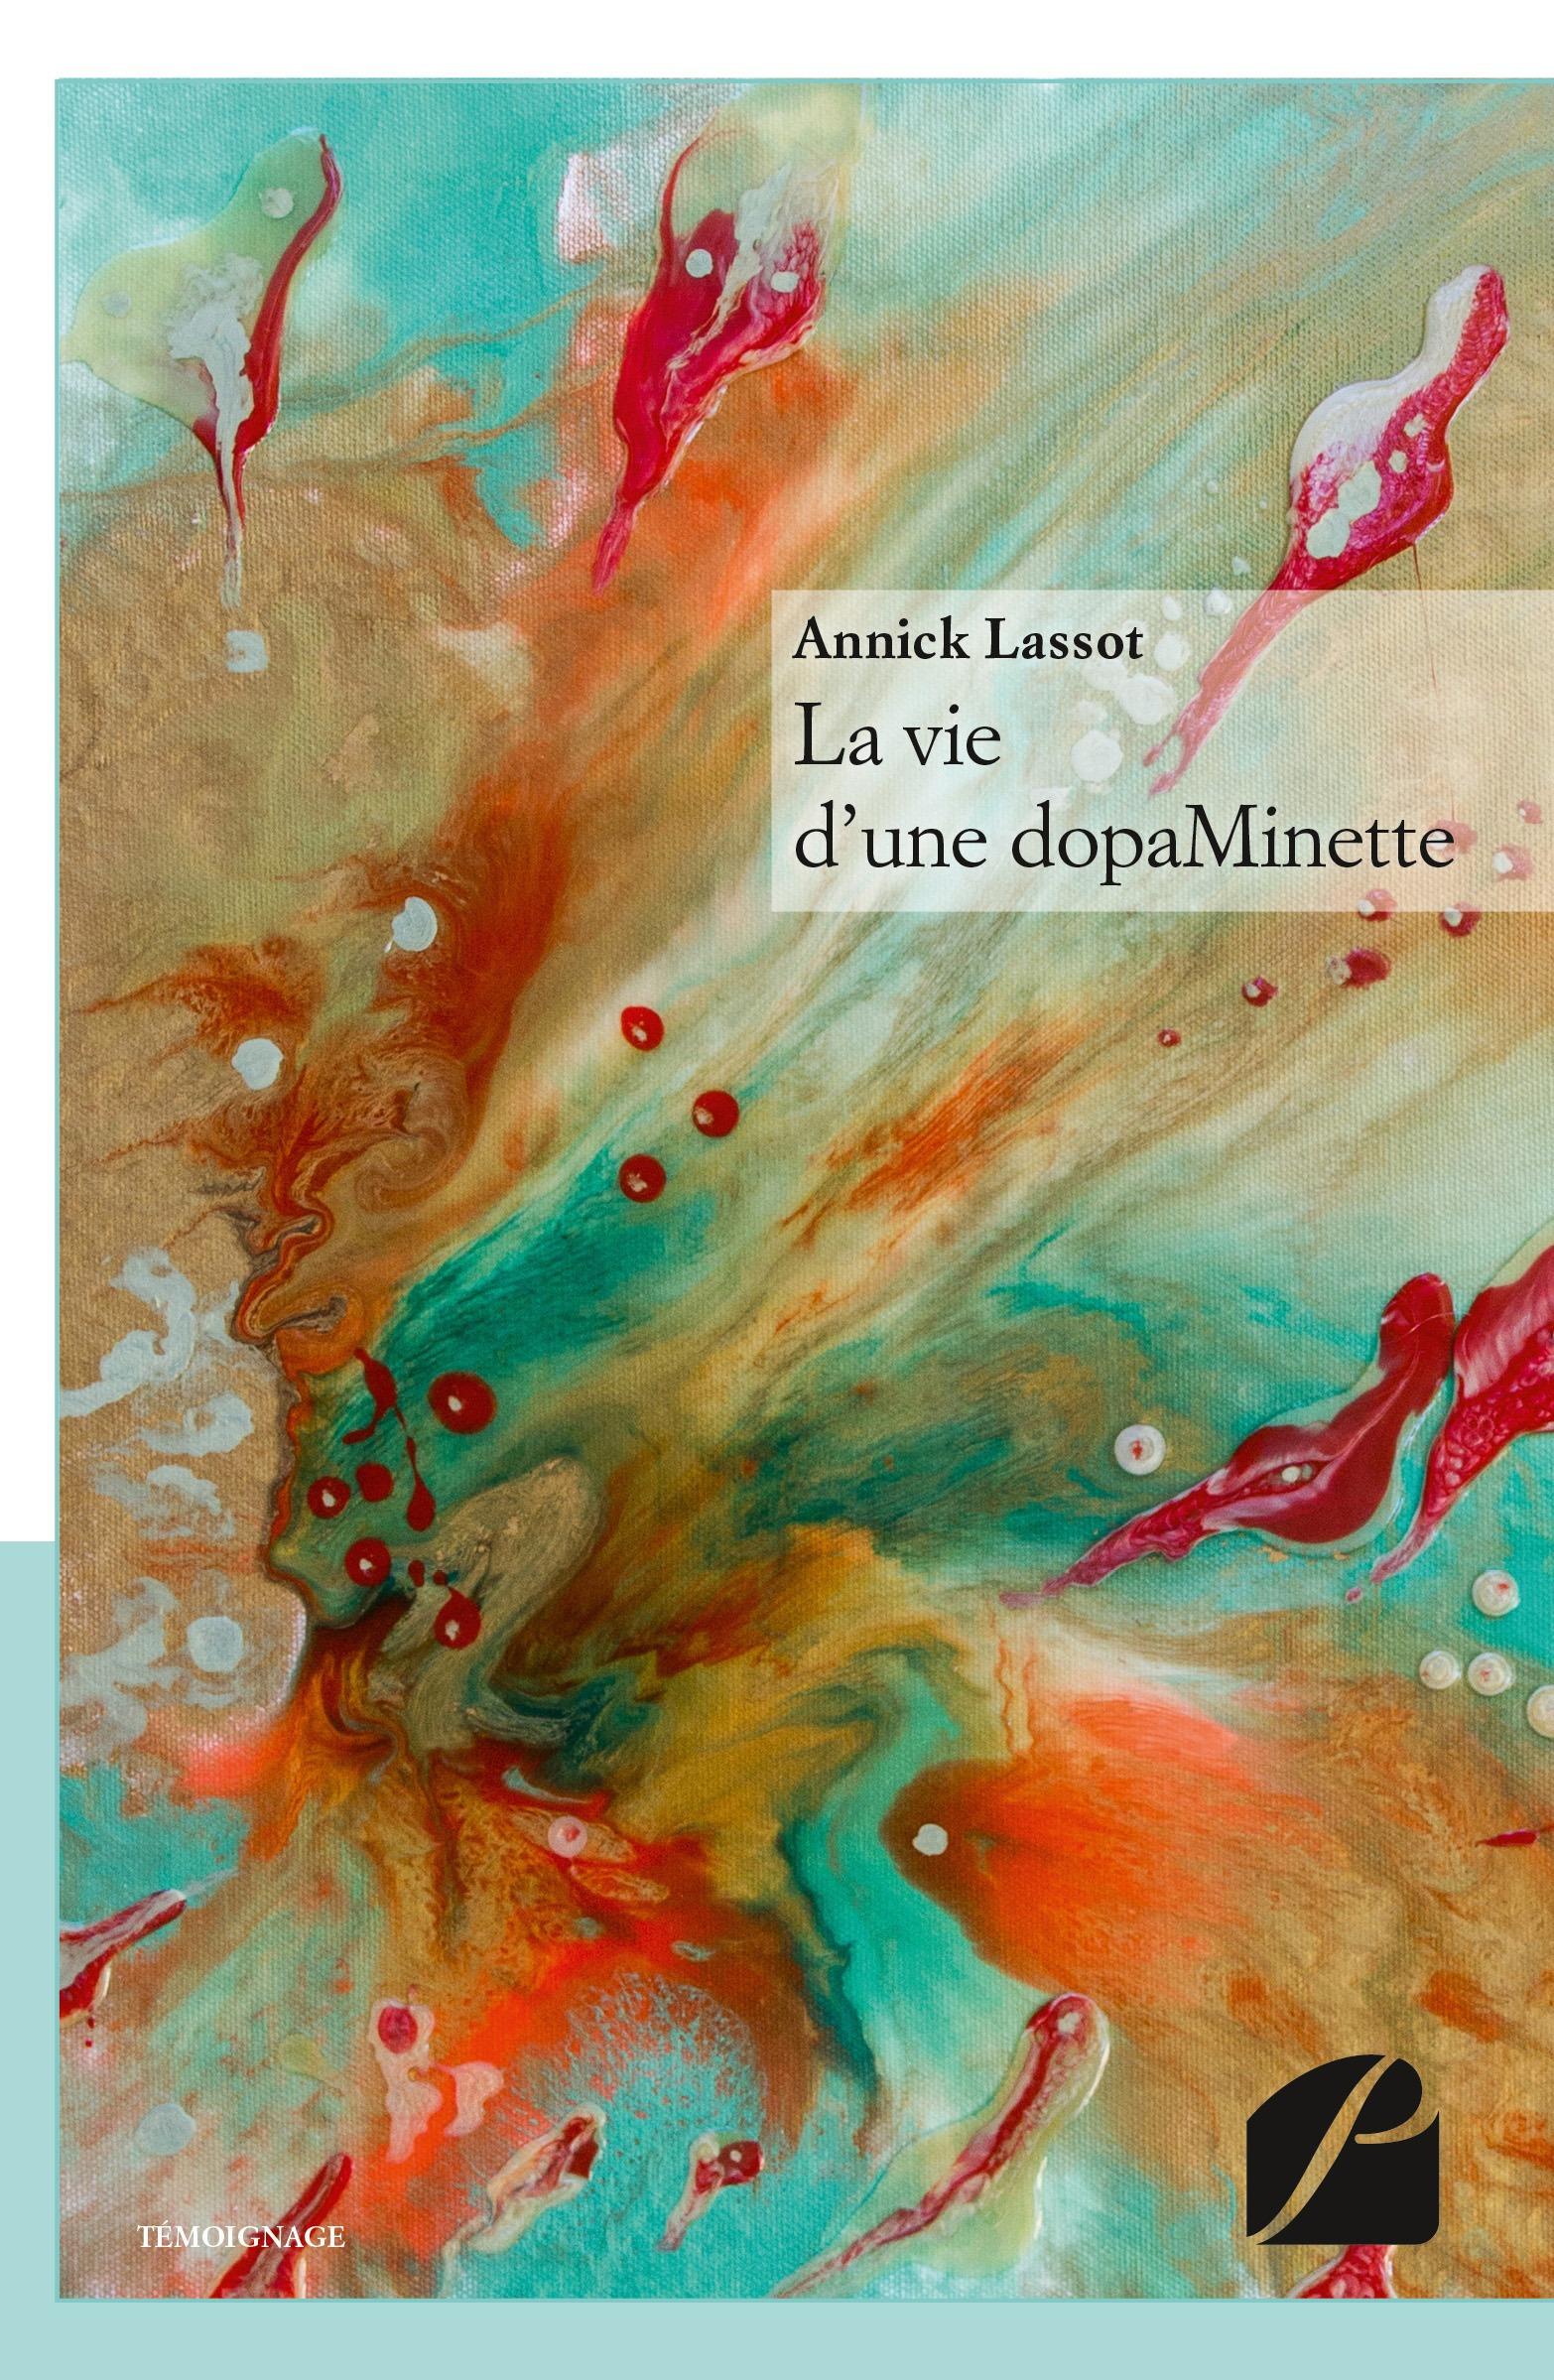 Annick Lassot La vie d'une dopaMinette